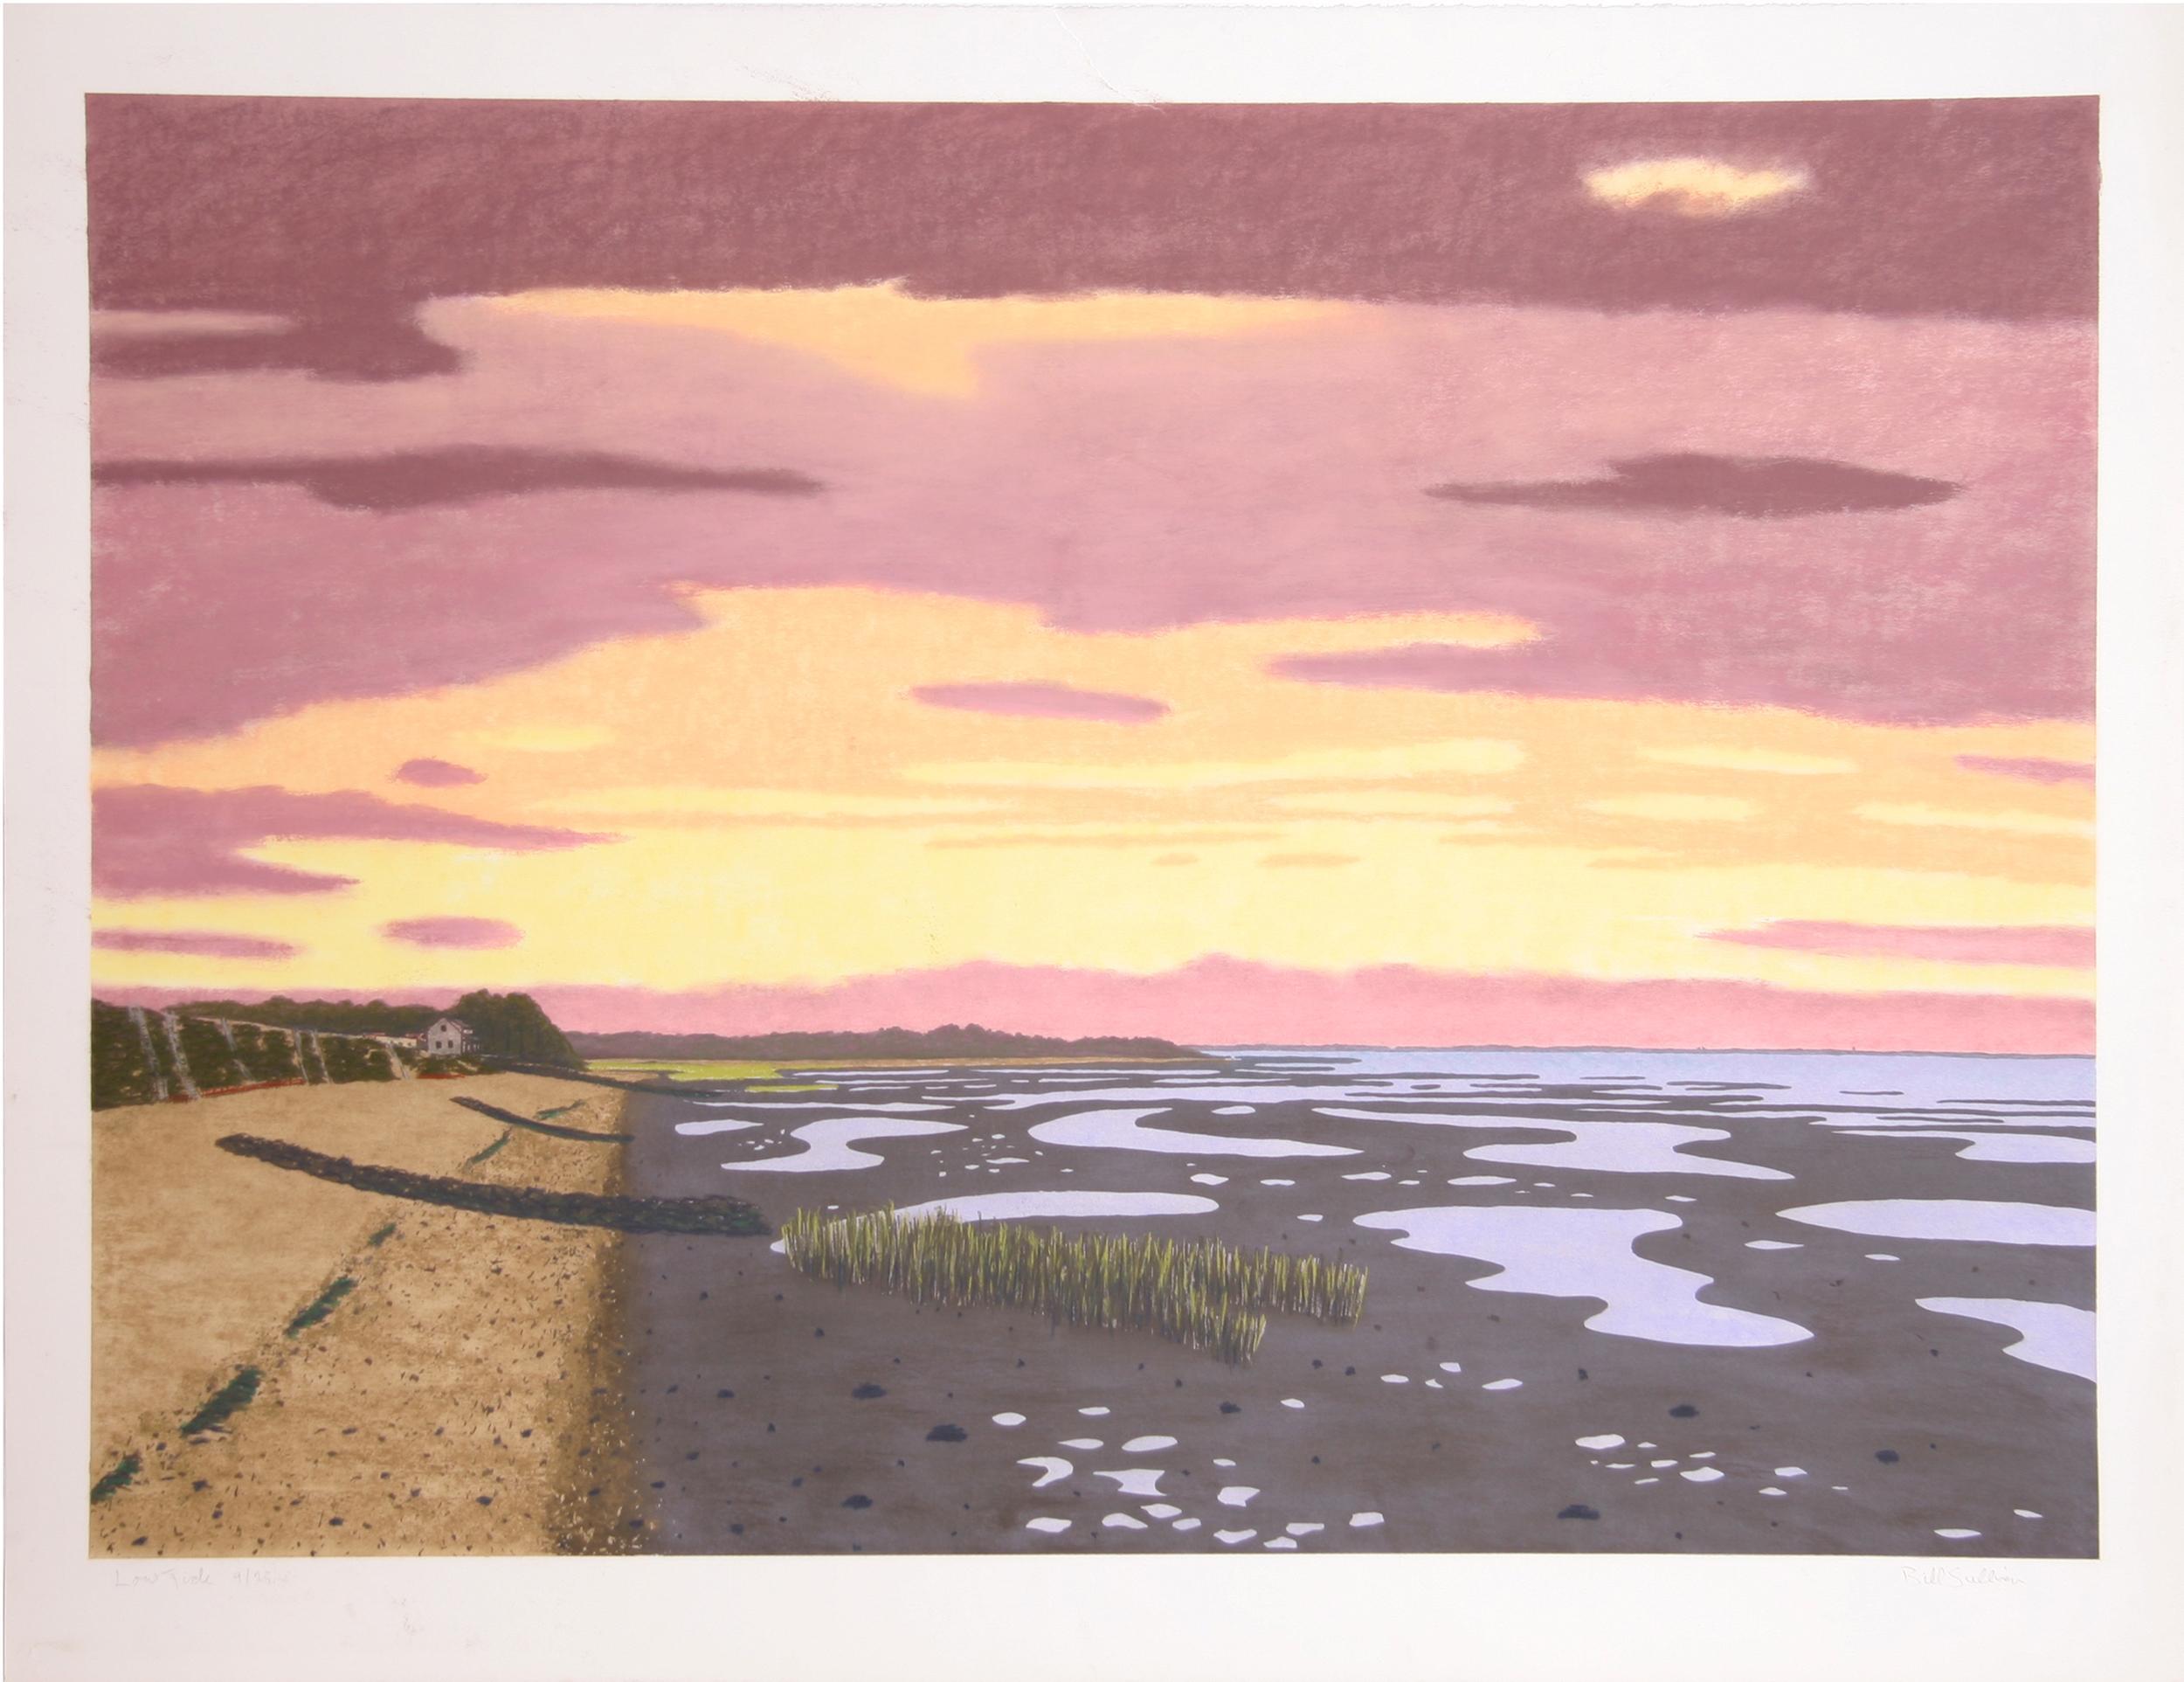 Bill Sullivan, Low Tide 9, Hand Colored Lithograph